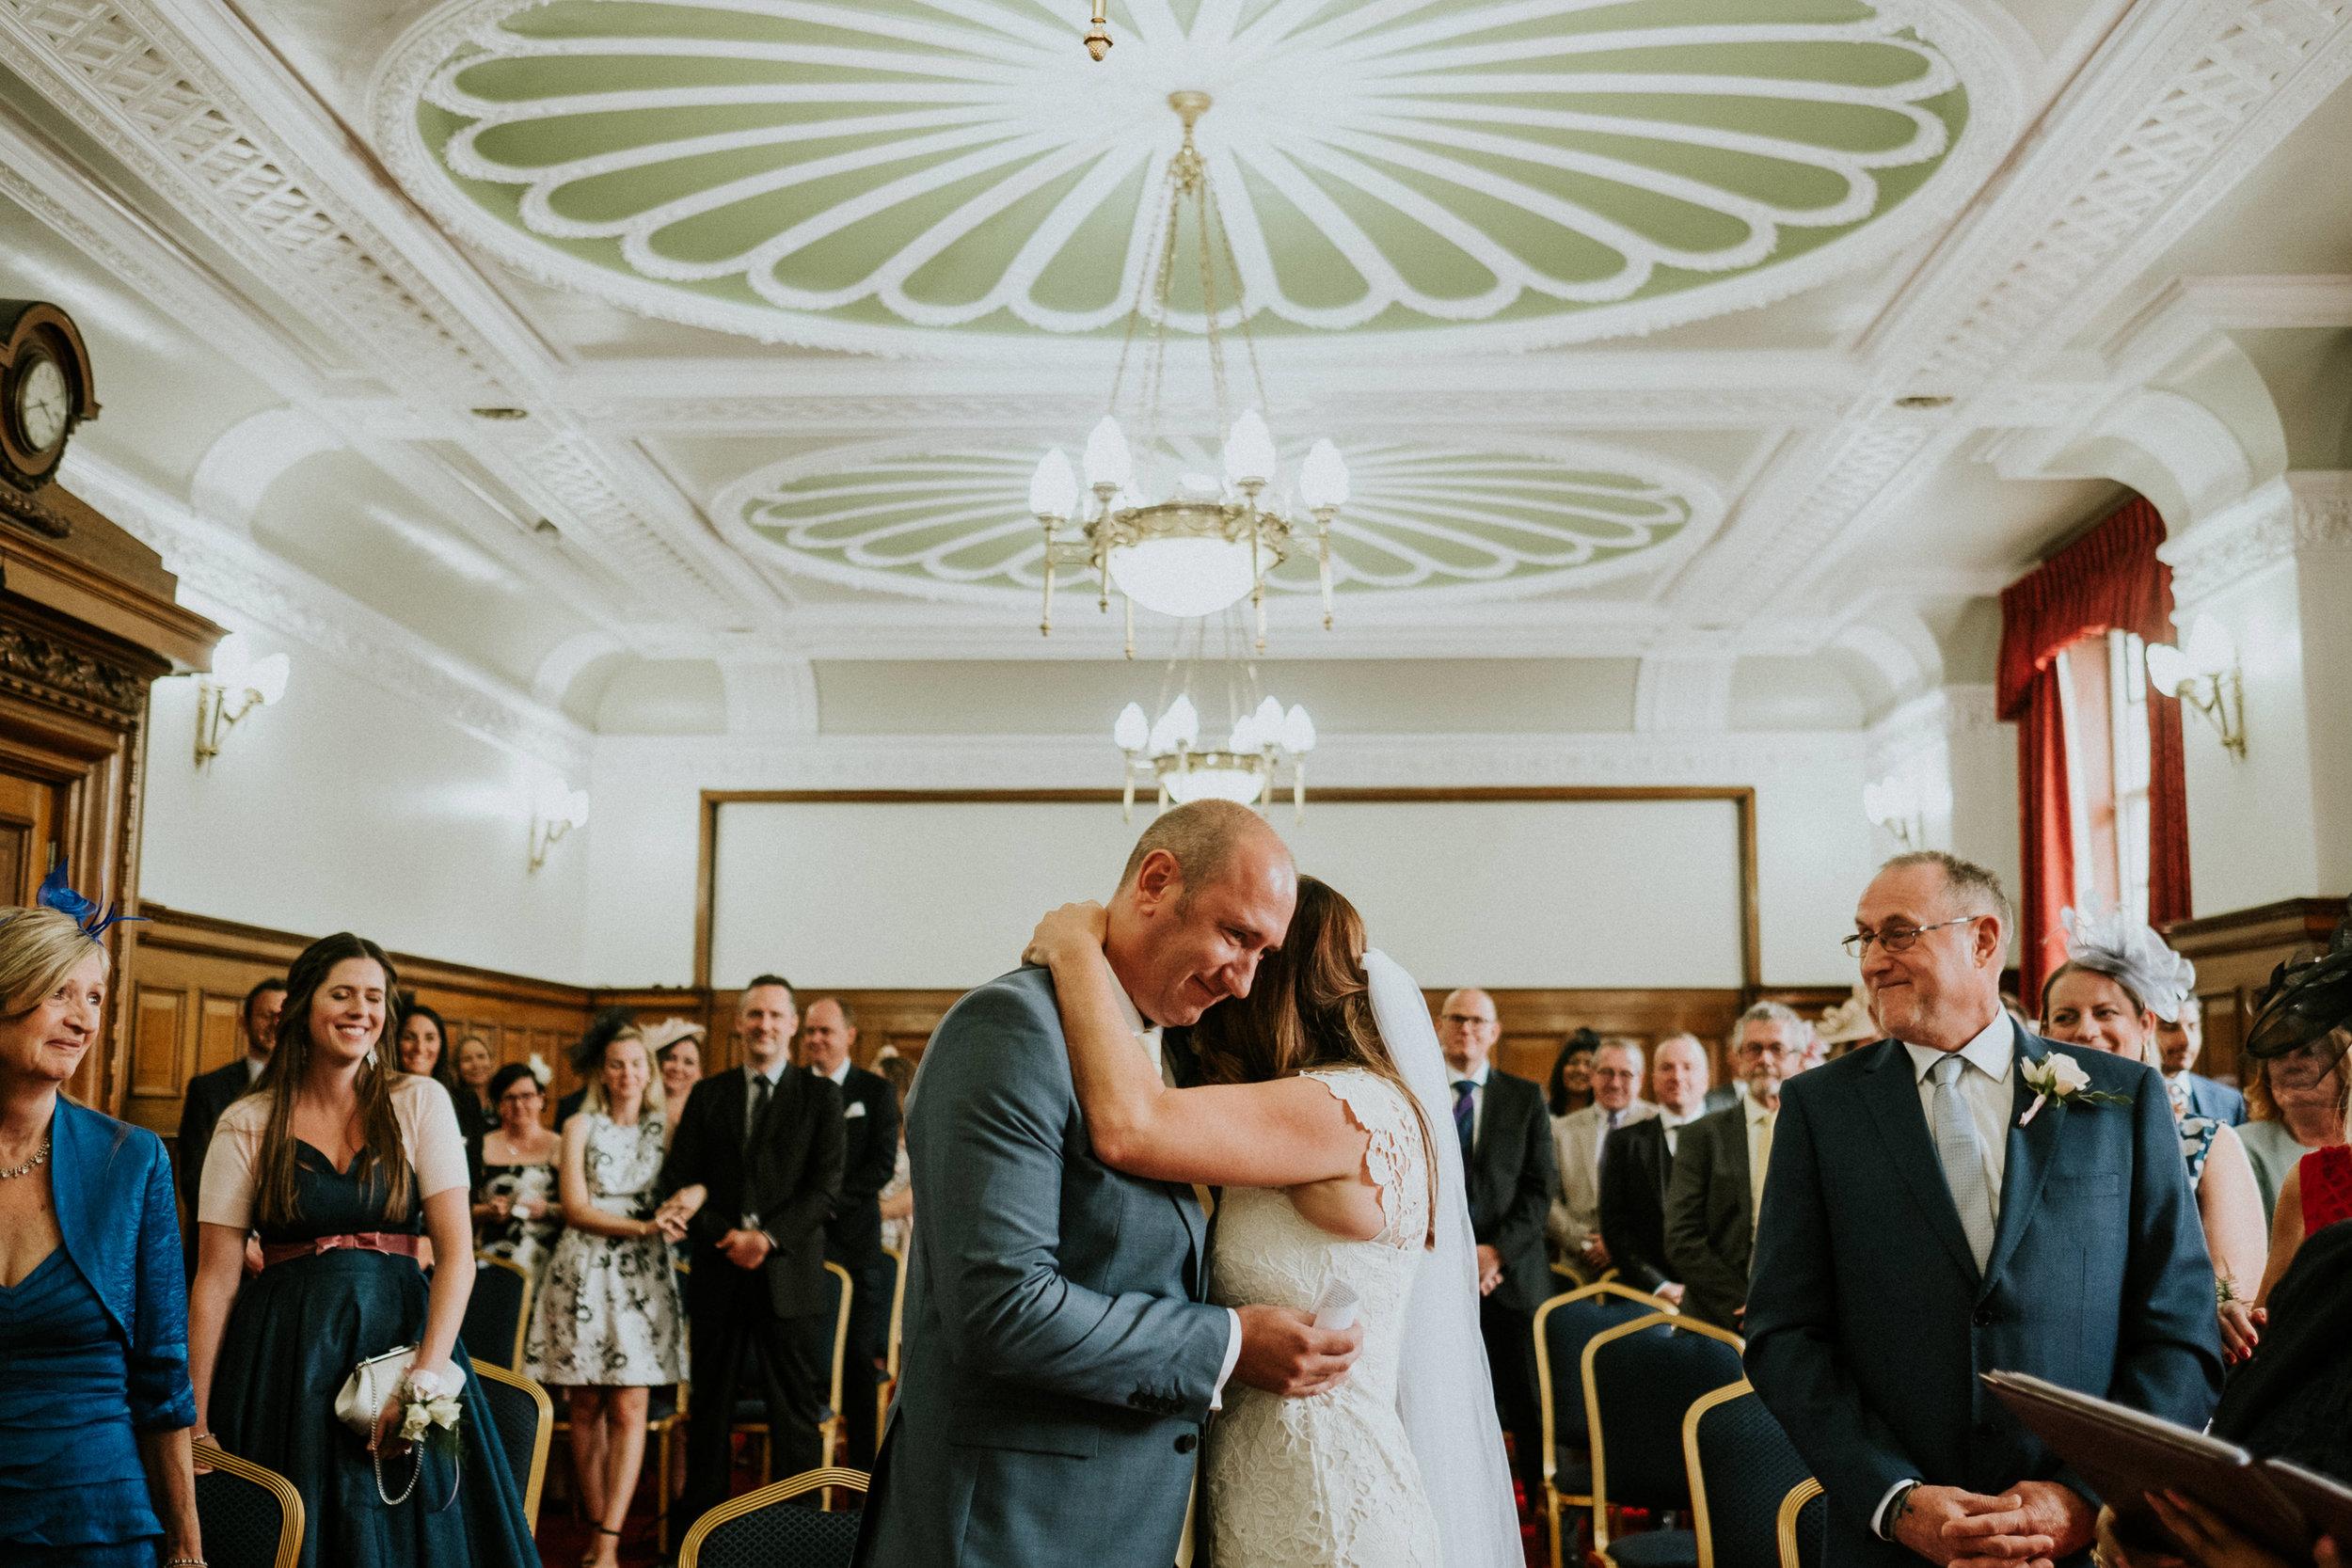 93 alternative london wedding photographer joanna nicole1.jpg